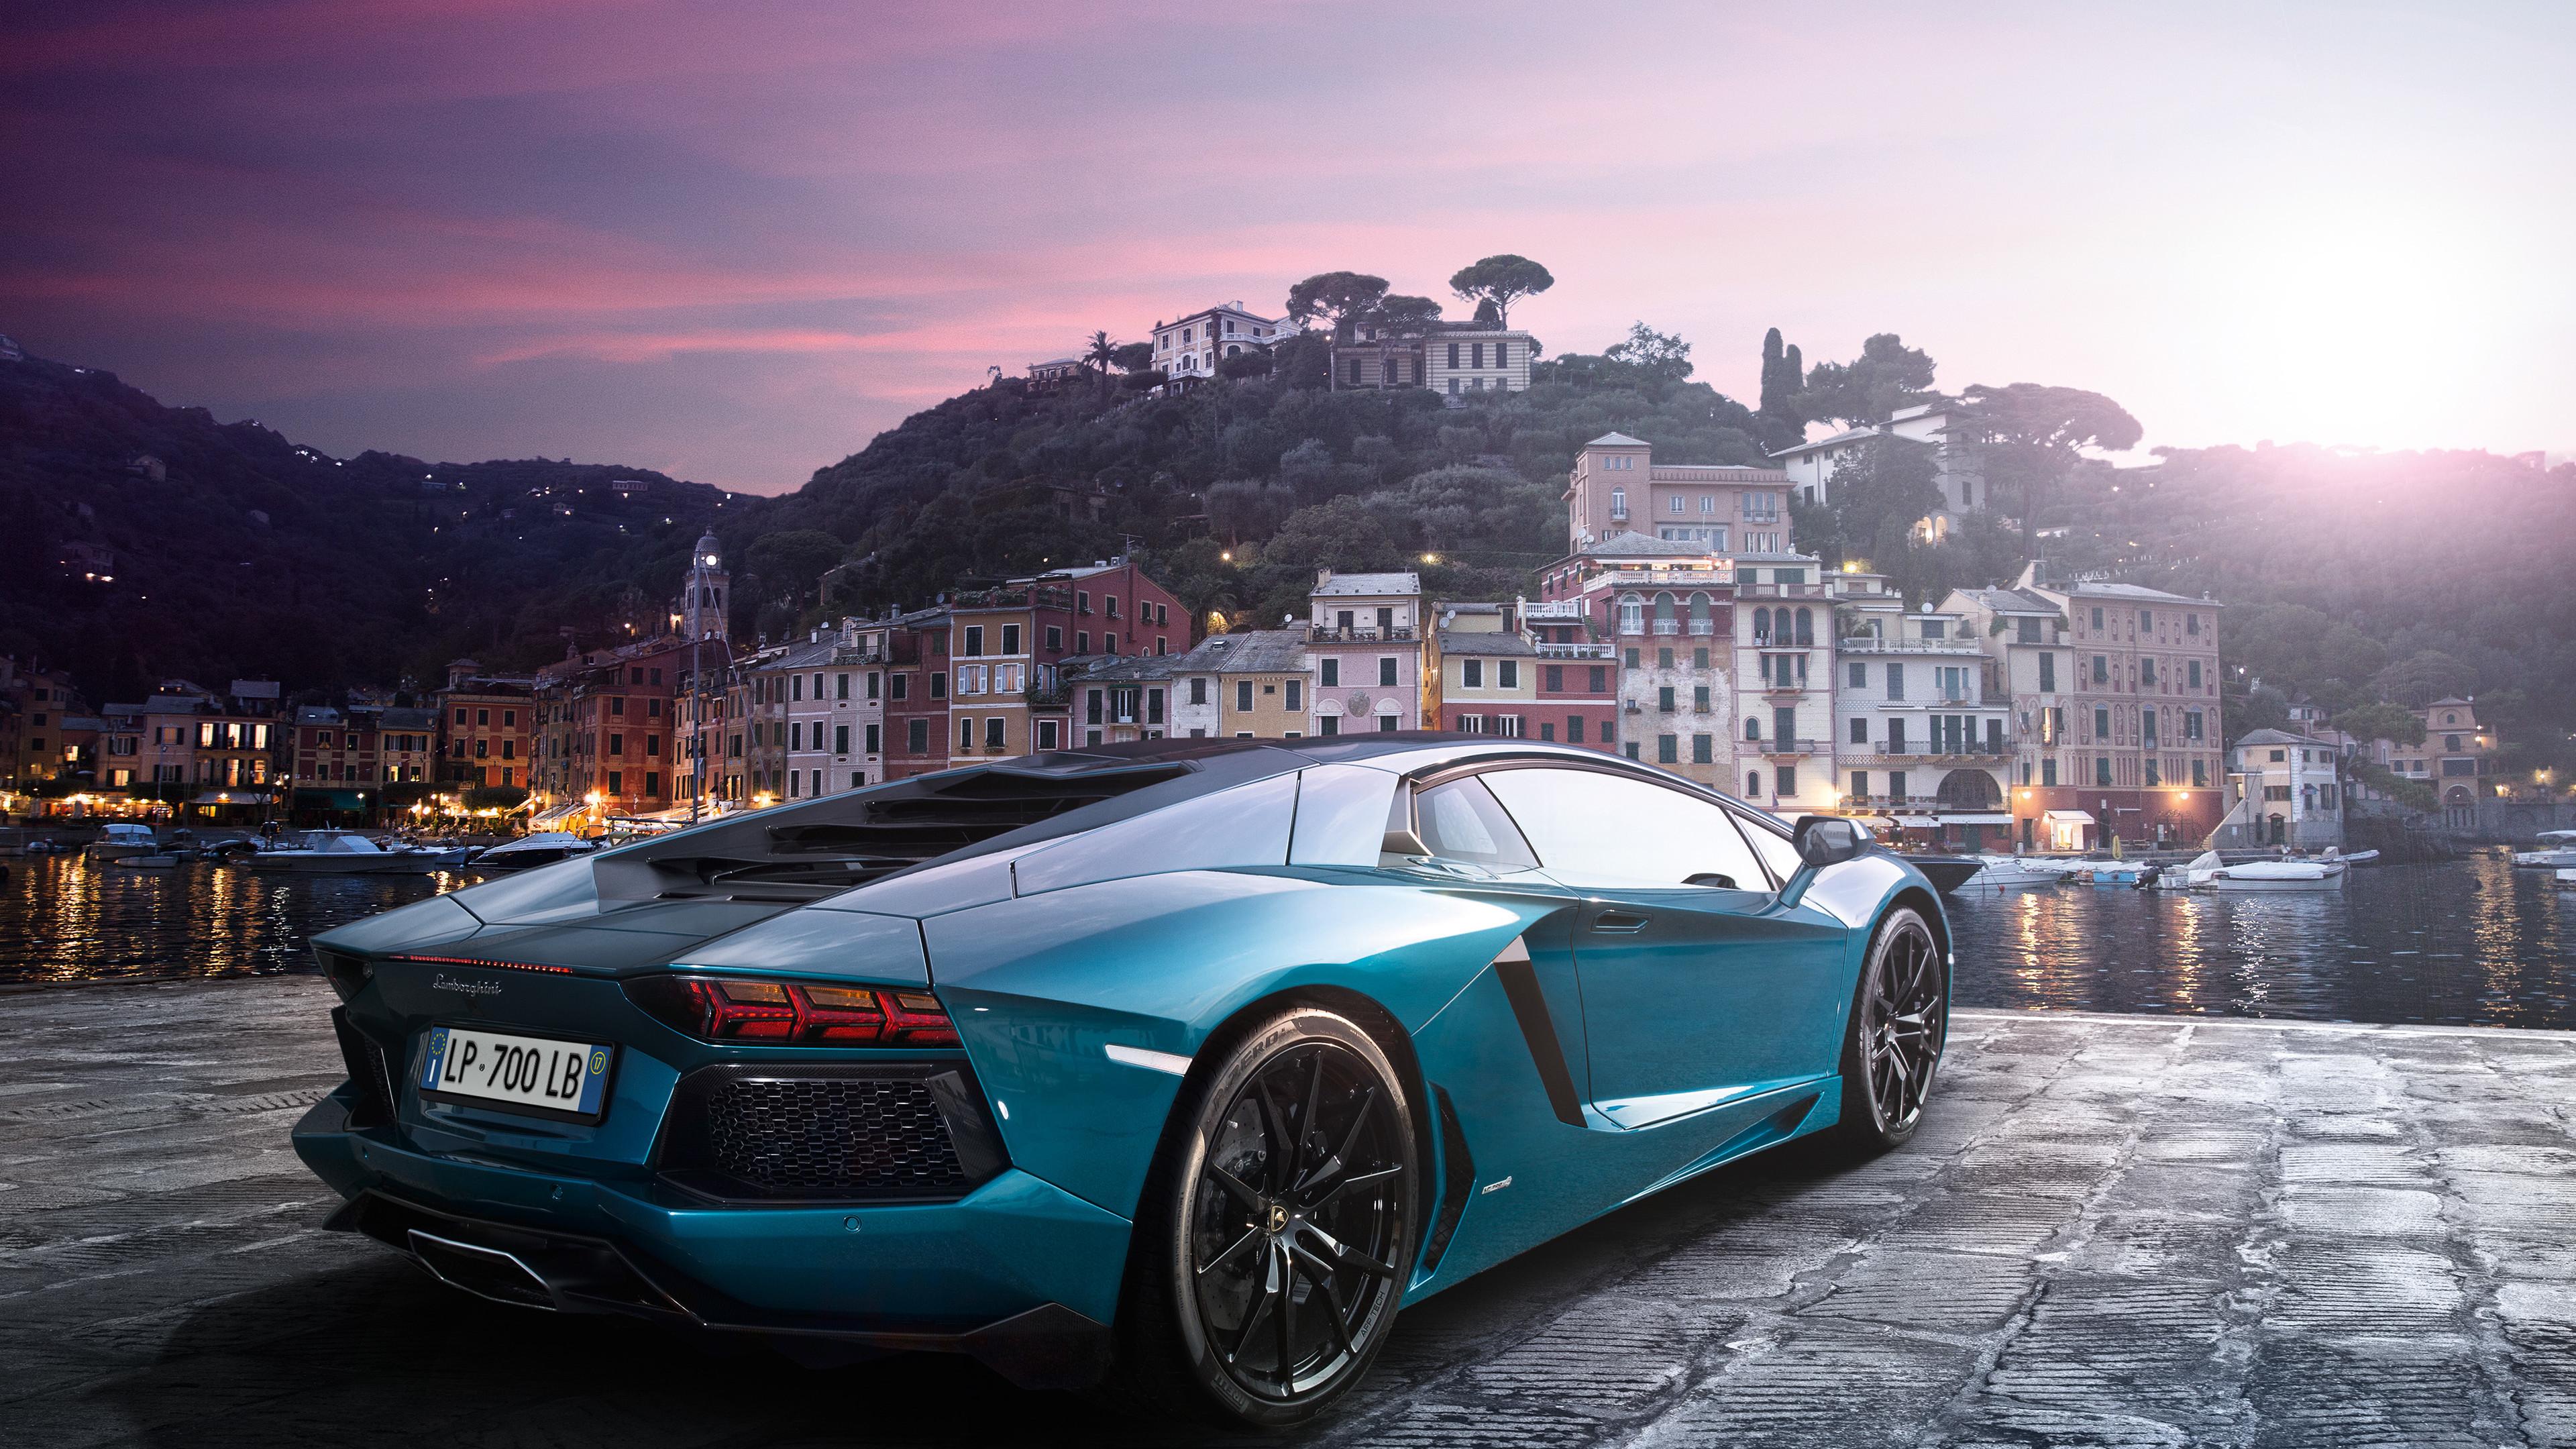 Lamborghini Aventador Green 4k Hd Cars 4k Wallpapers: Sea Green Lamborghini Aventador 4k Lamborghini Wallpapers